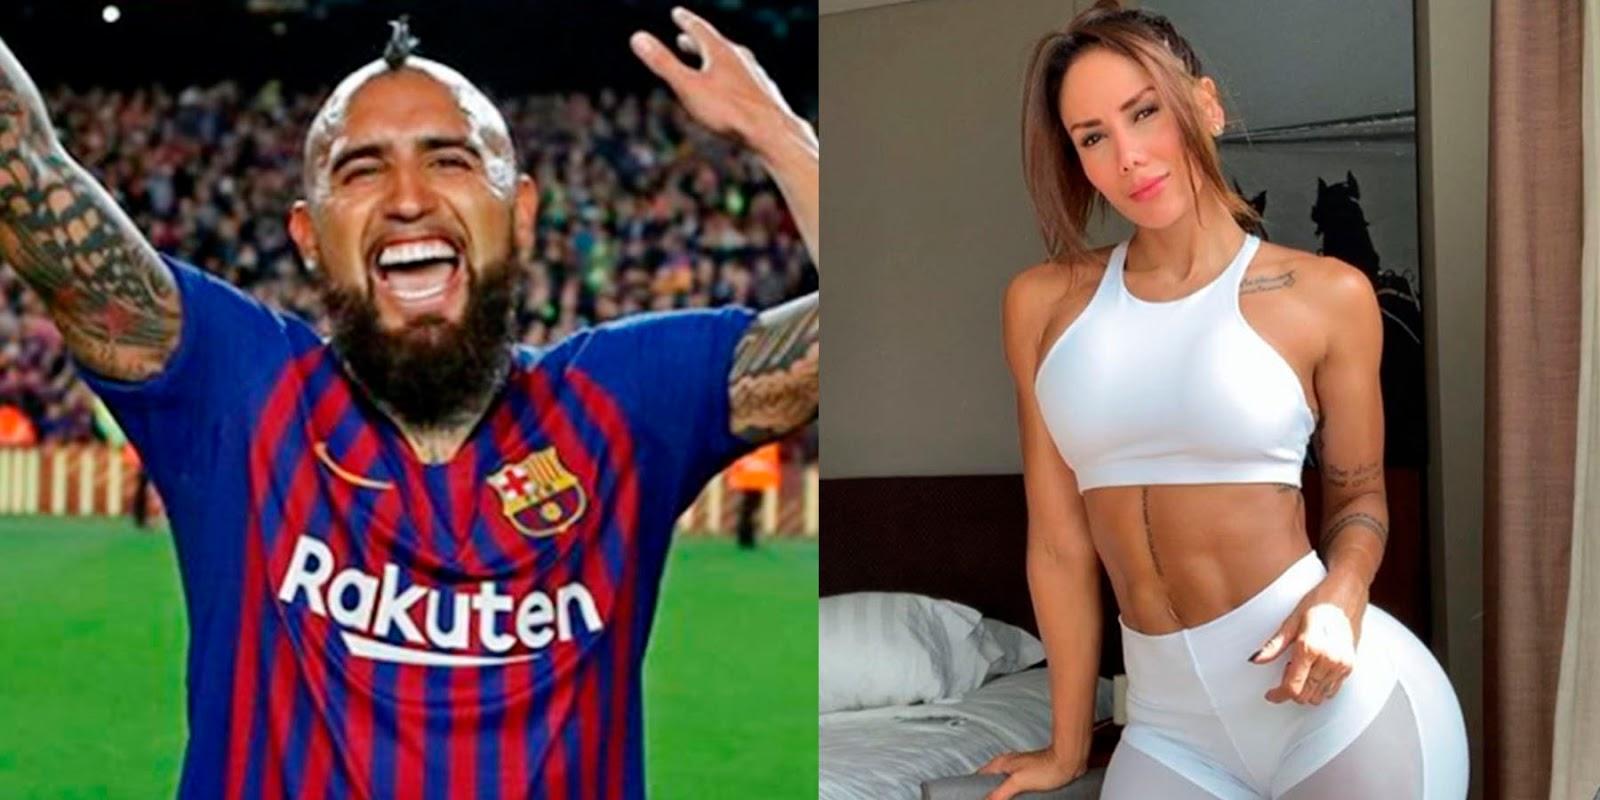 Nguyên nhân thành tích tệ hại từ đầu mùa của Barca đá hé lộ một phần nguyên nhân. Vợ Lionel Messi và bồ của Arturo Vidal đang xích mích với nhau trên mạng xã hội.